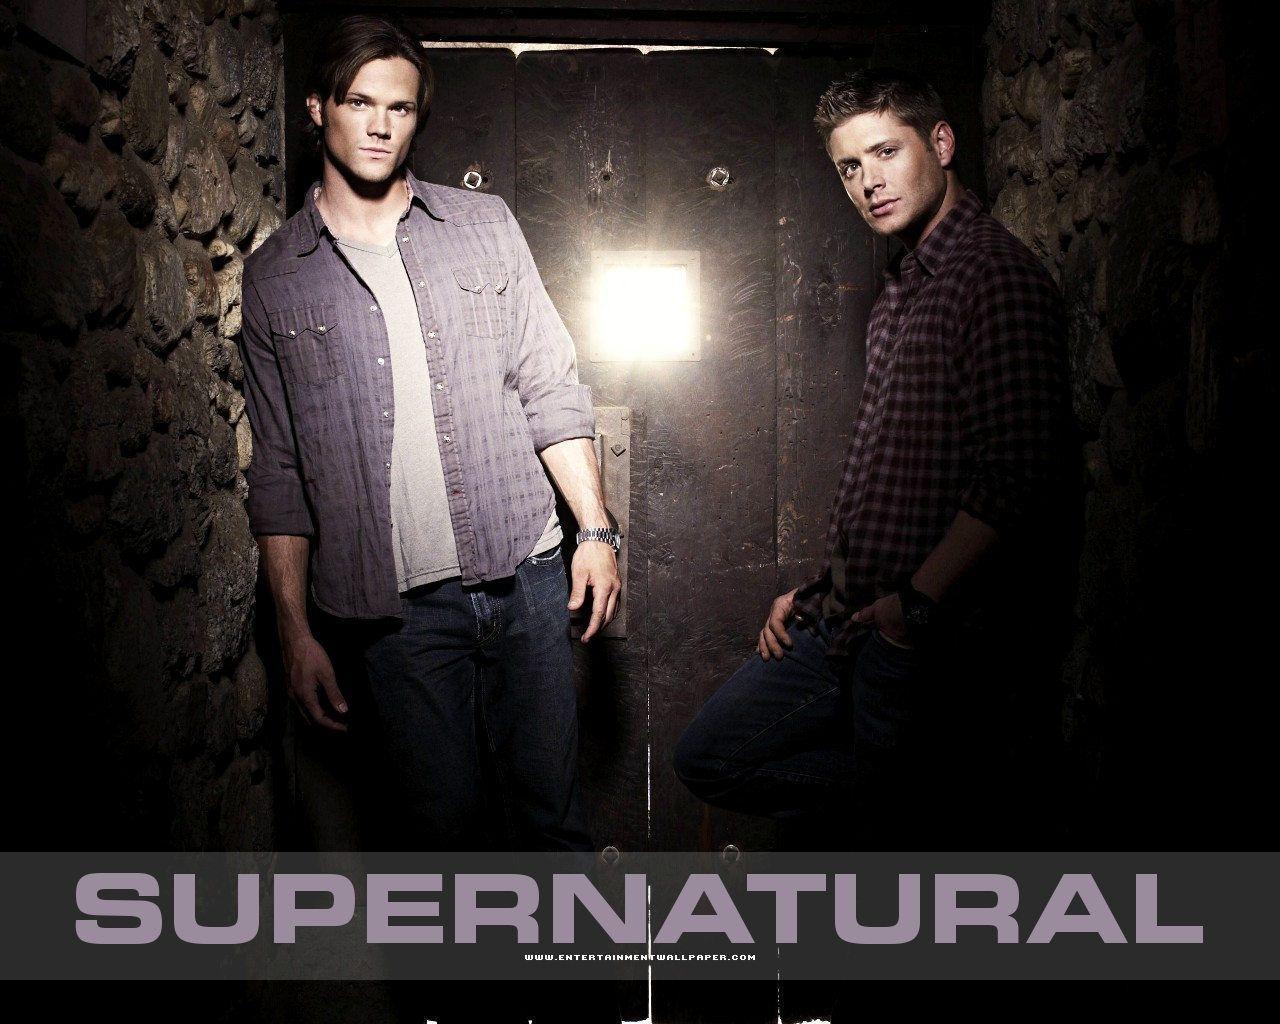 Supernatural Season 6 Wallpapers